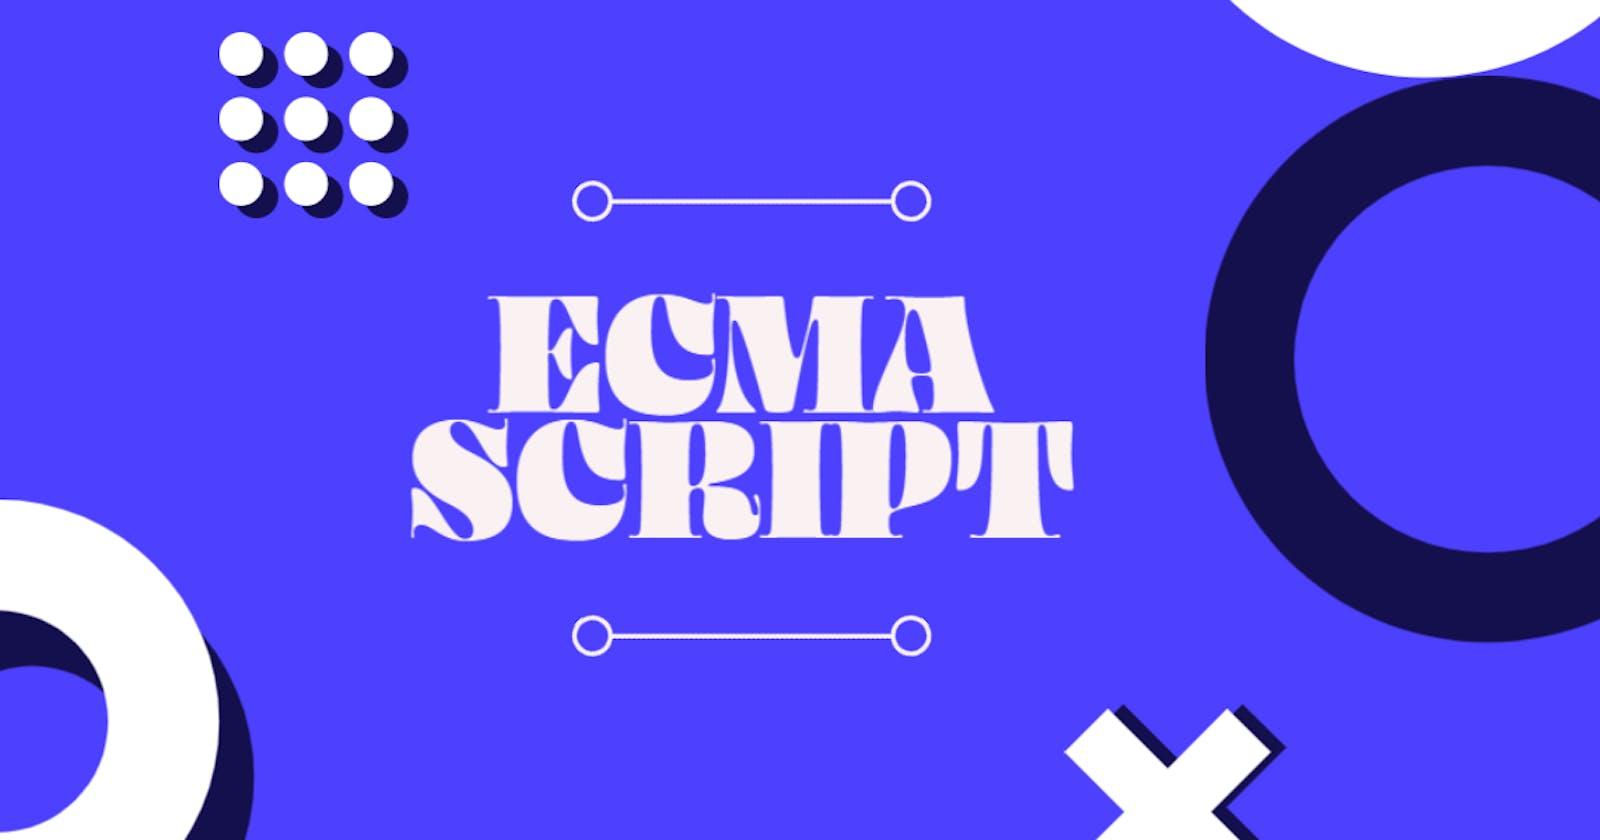 But what is ECMAScript ?